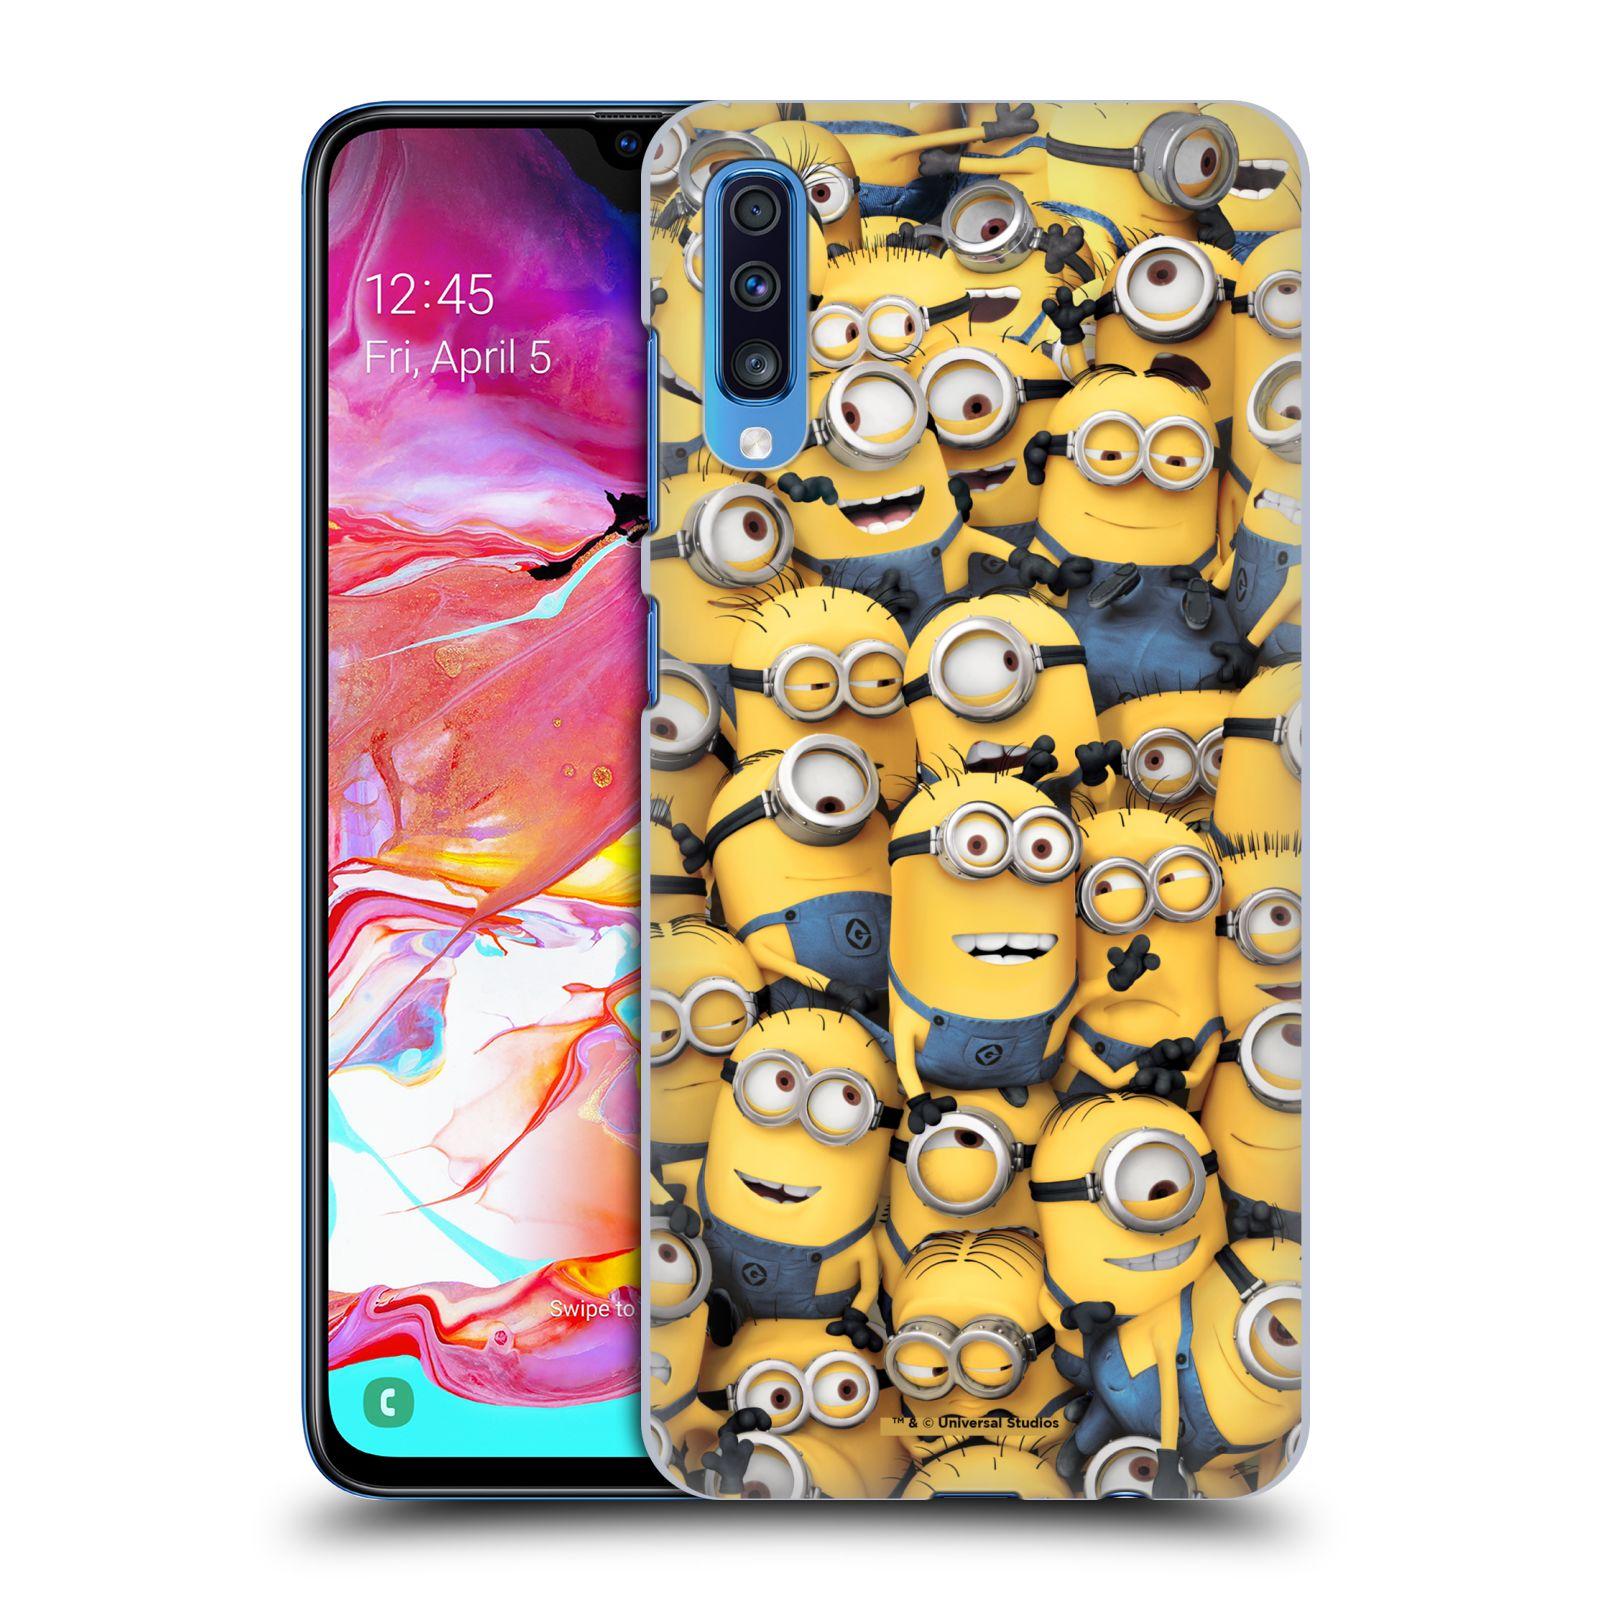 Plastové pouzdro na mobil Samsung Galaxy A70 - Head Case - Mimoni všude z filmu Já, padouch - Despicable Me